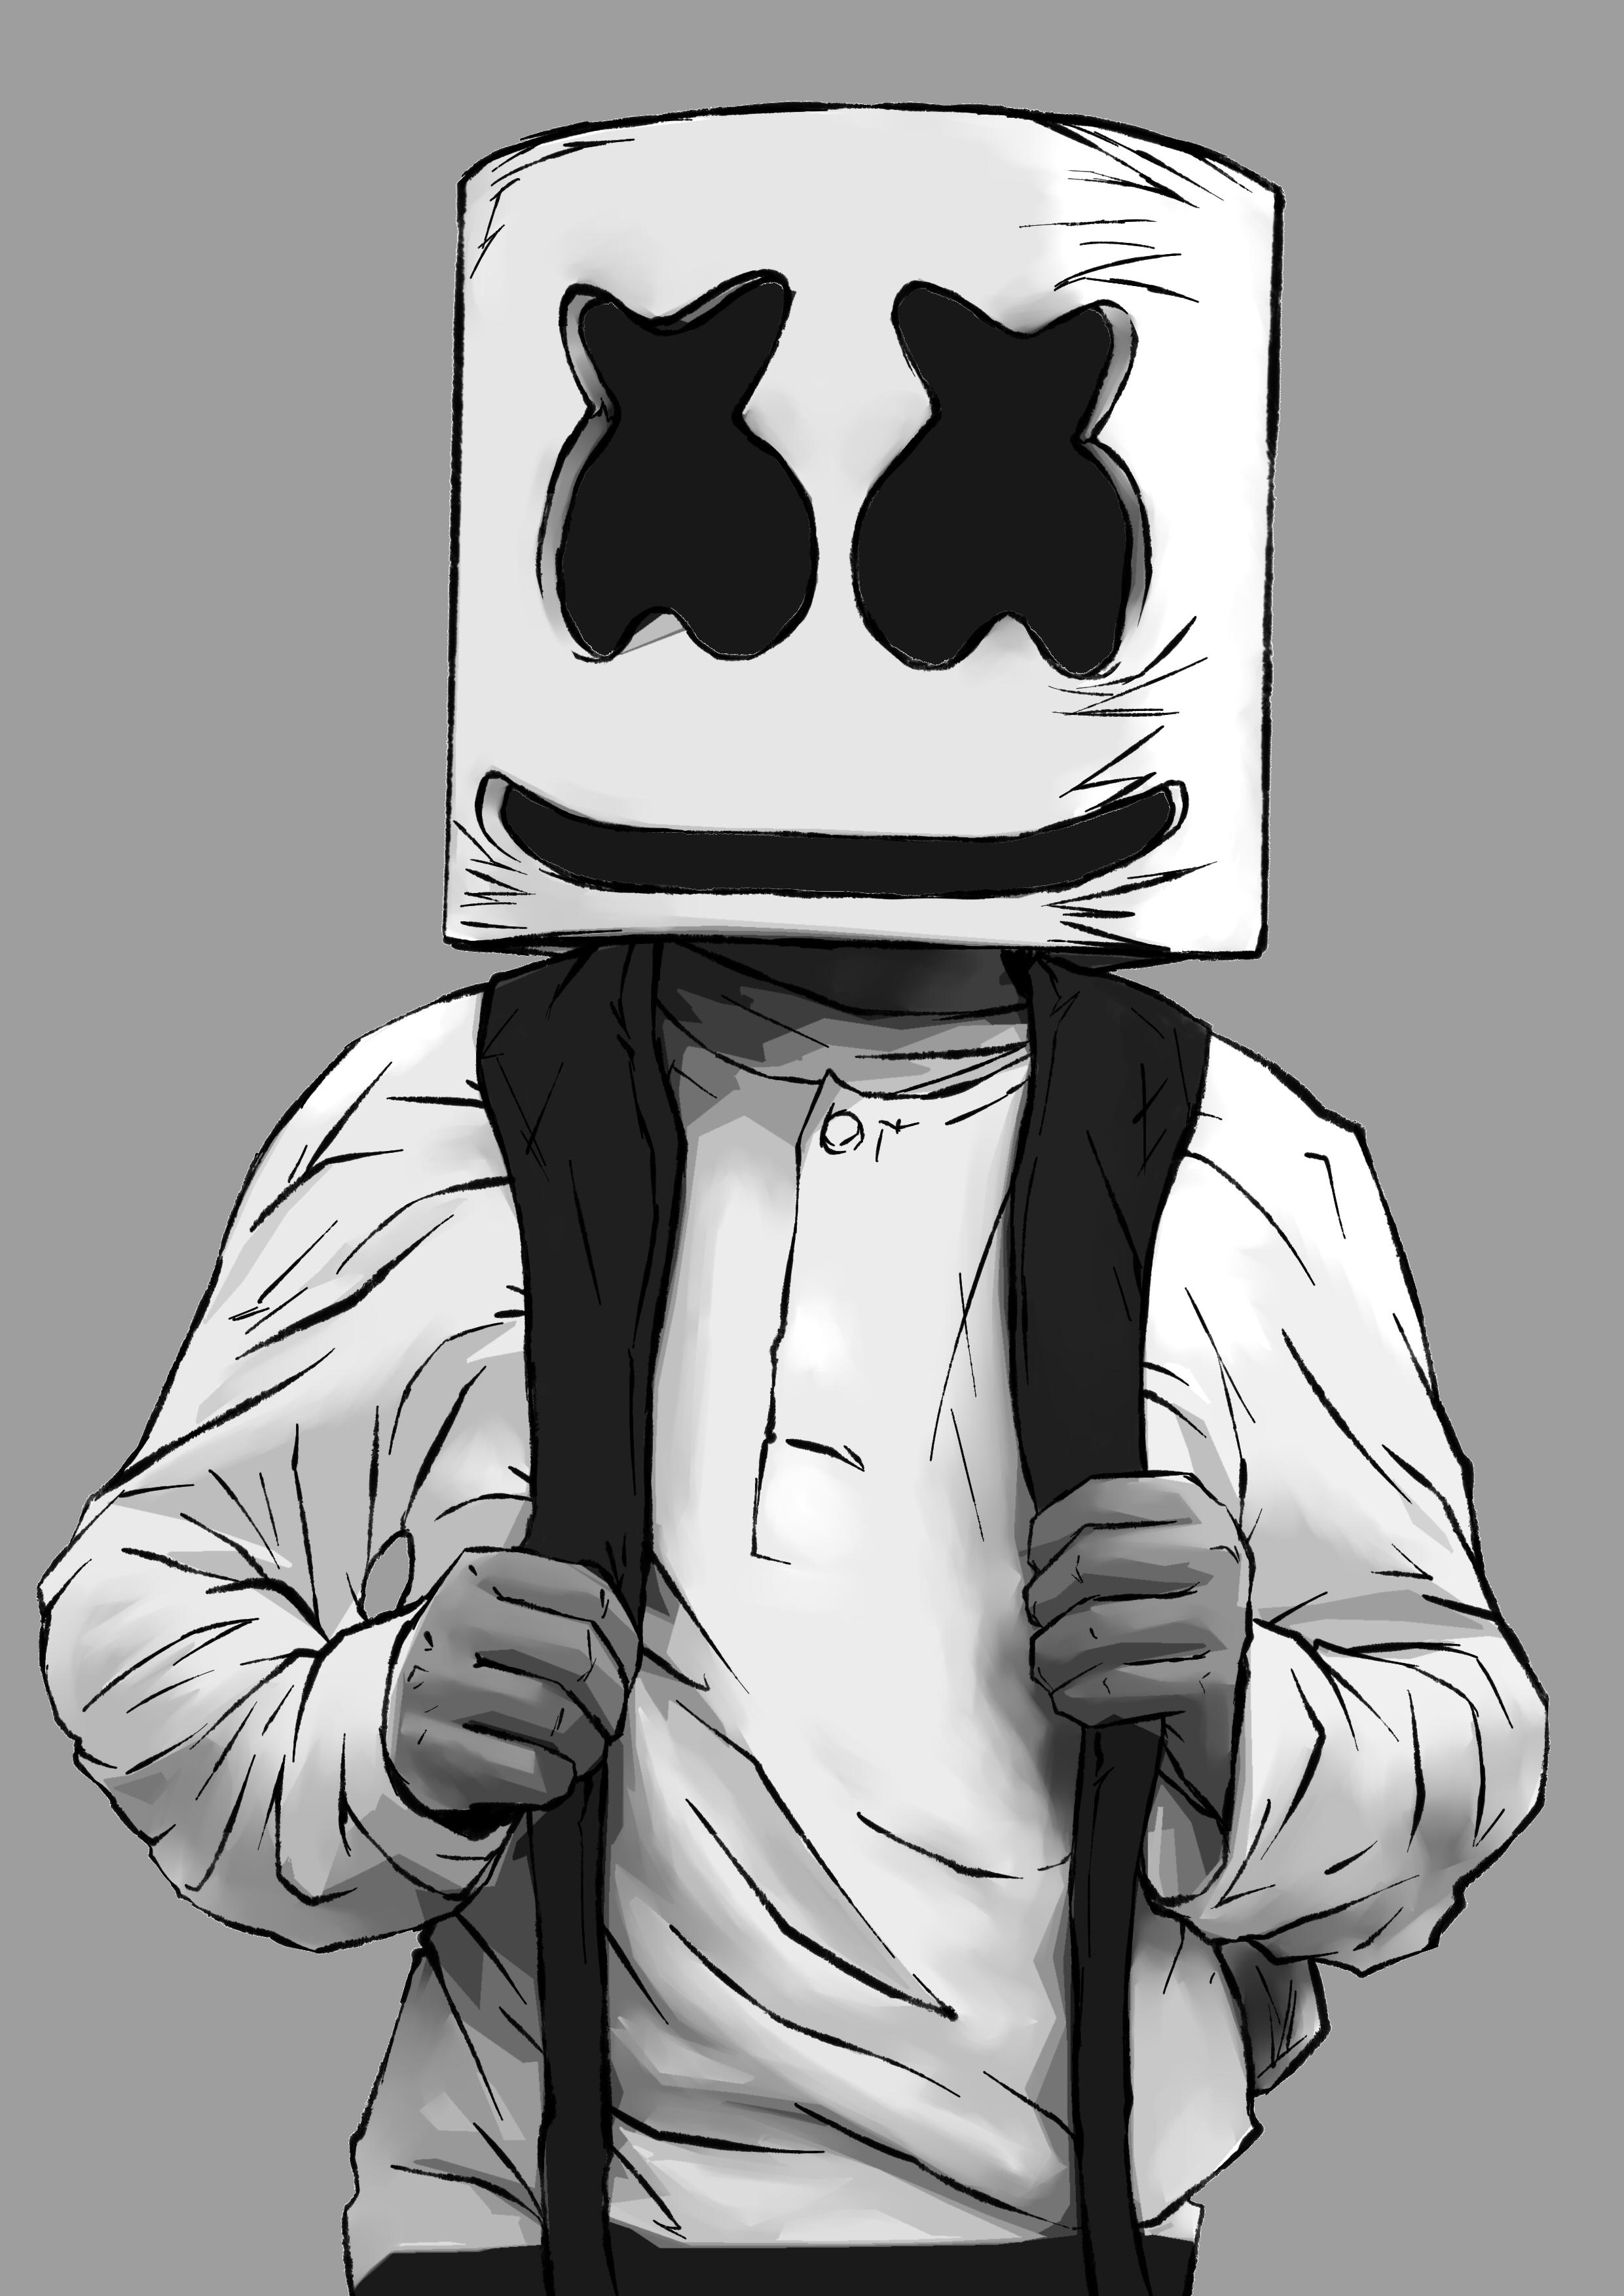 Marshmello explore marshmello on deviantart cosmic pincel 104 22 marshmello alone by endman3010 stopboris Images